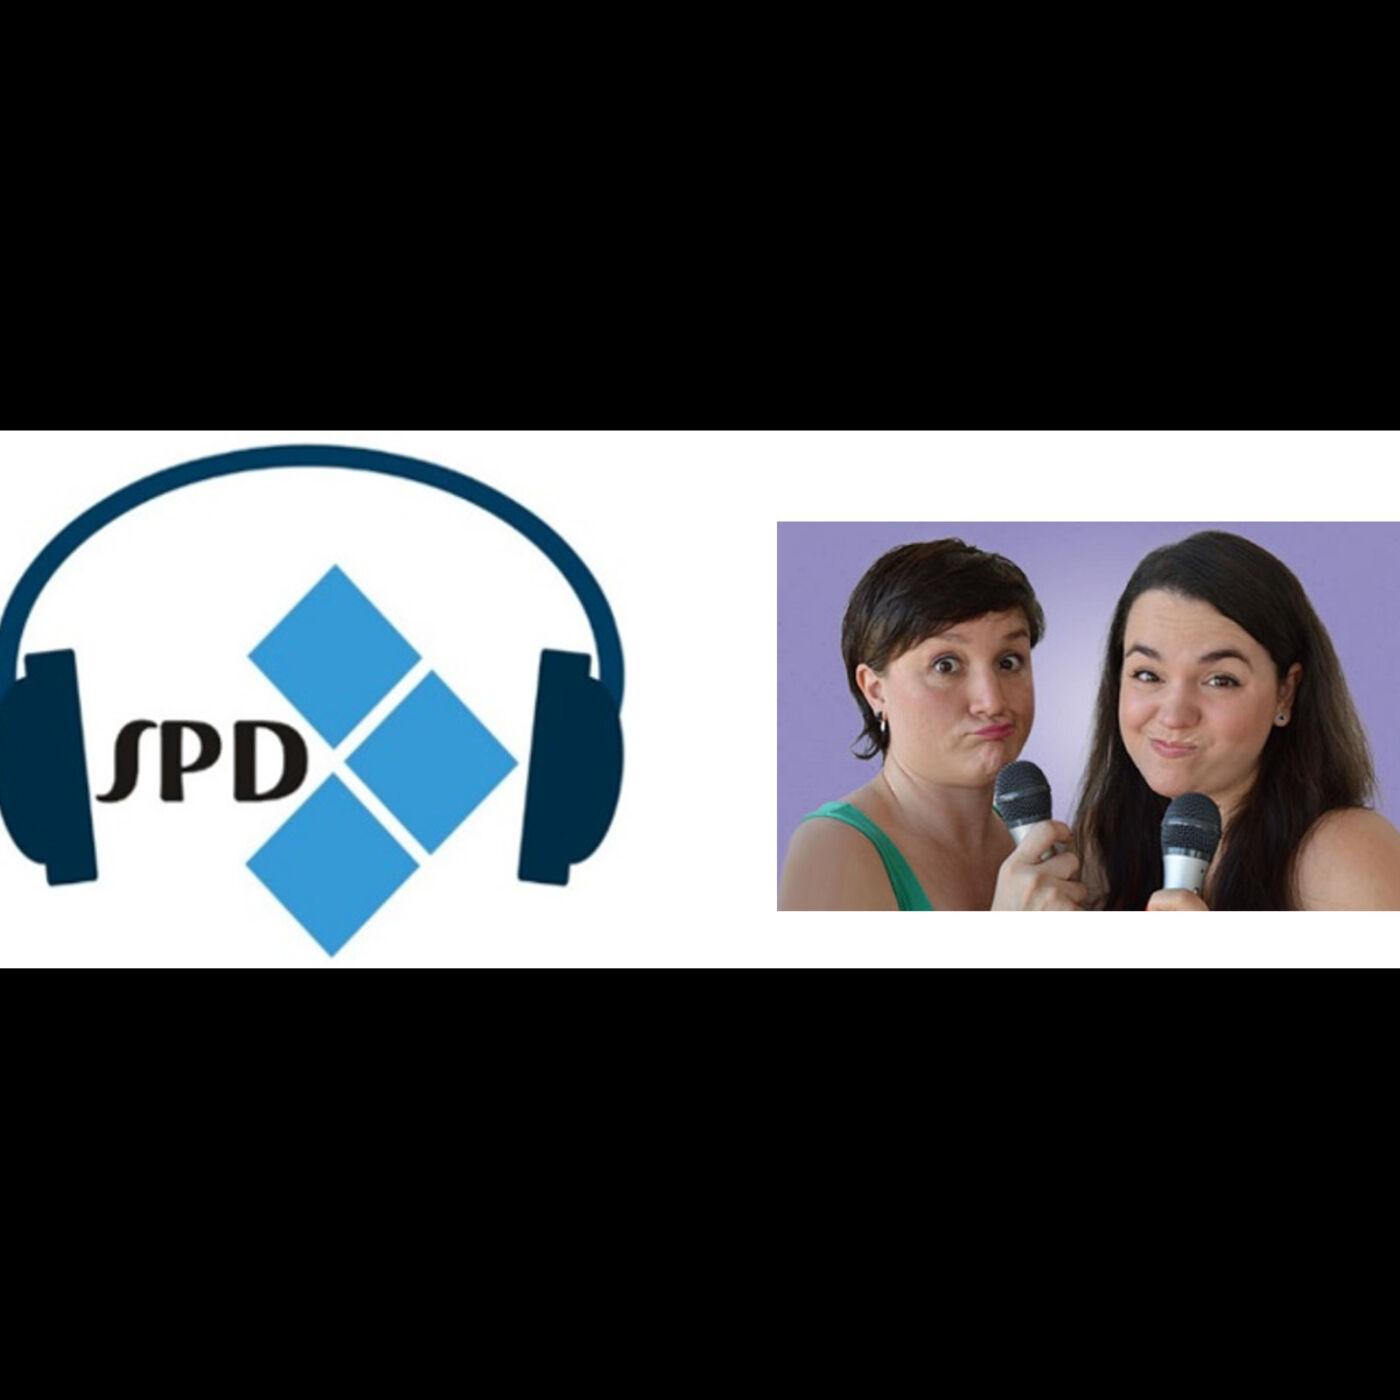 ATA SPD Podcast, An Interview with Marina Ilari and Paola Medrano